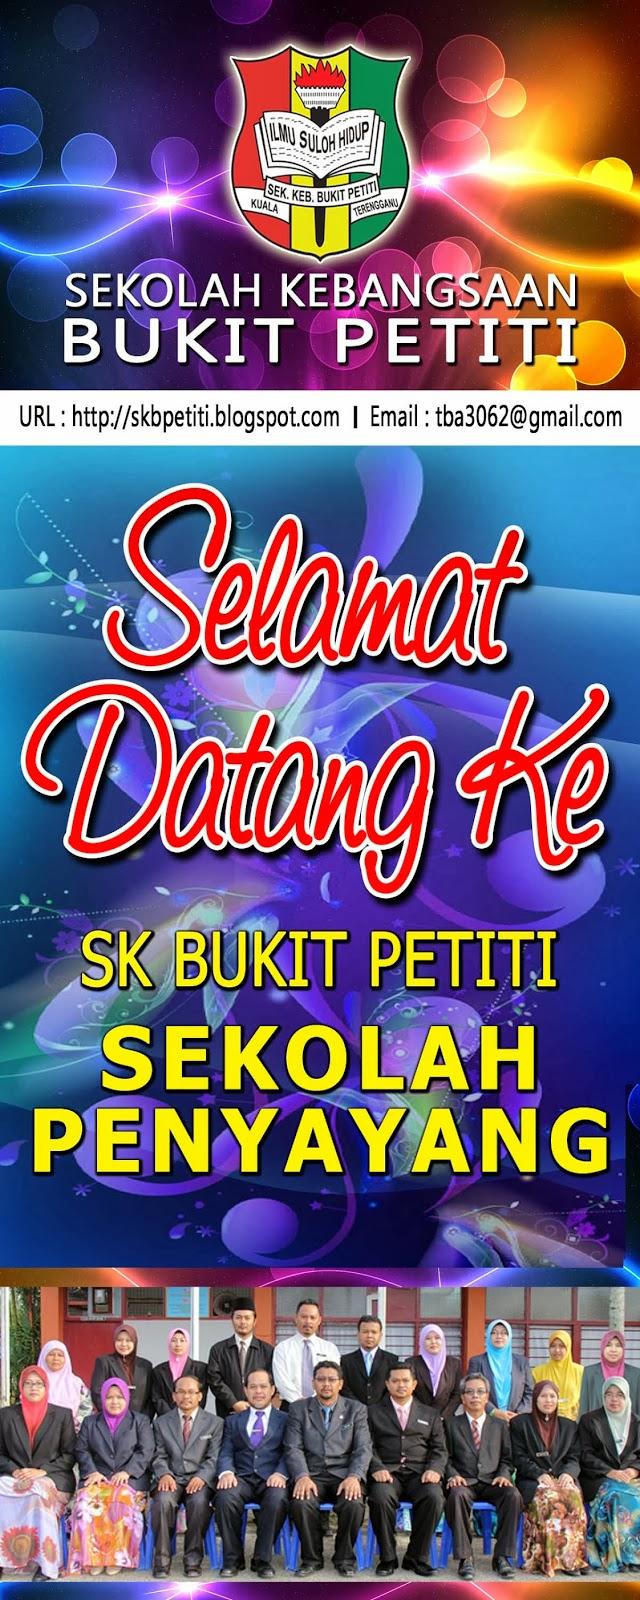 SK BUKIT PETITI  Kuala Terengganu Galeri Grafik Sekolah